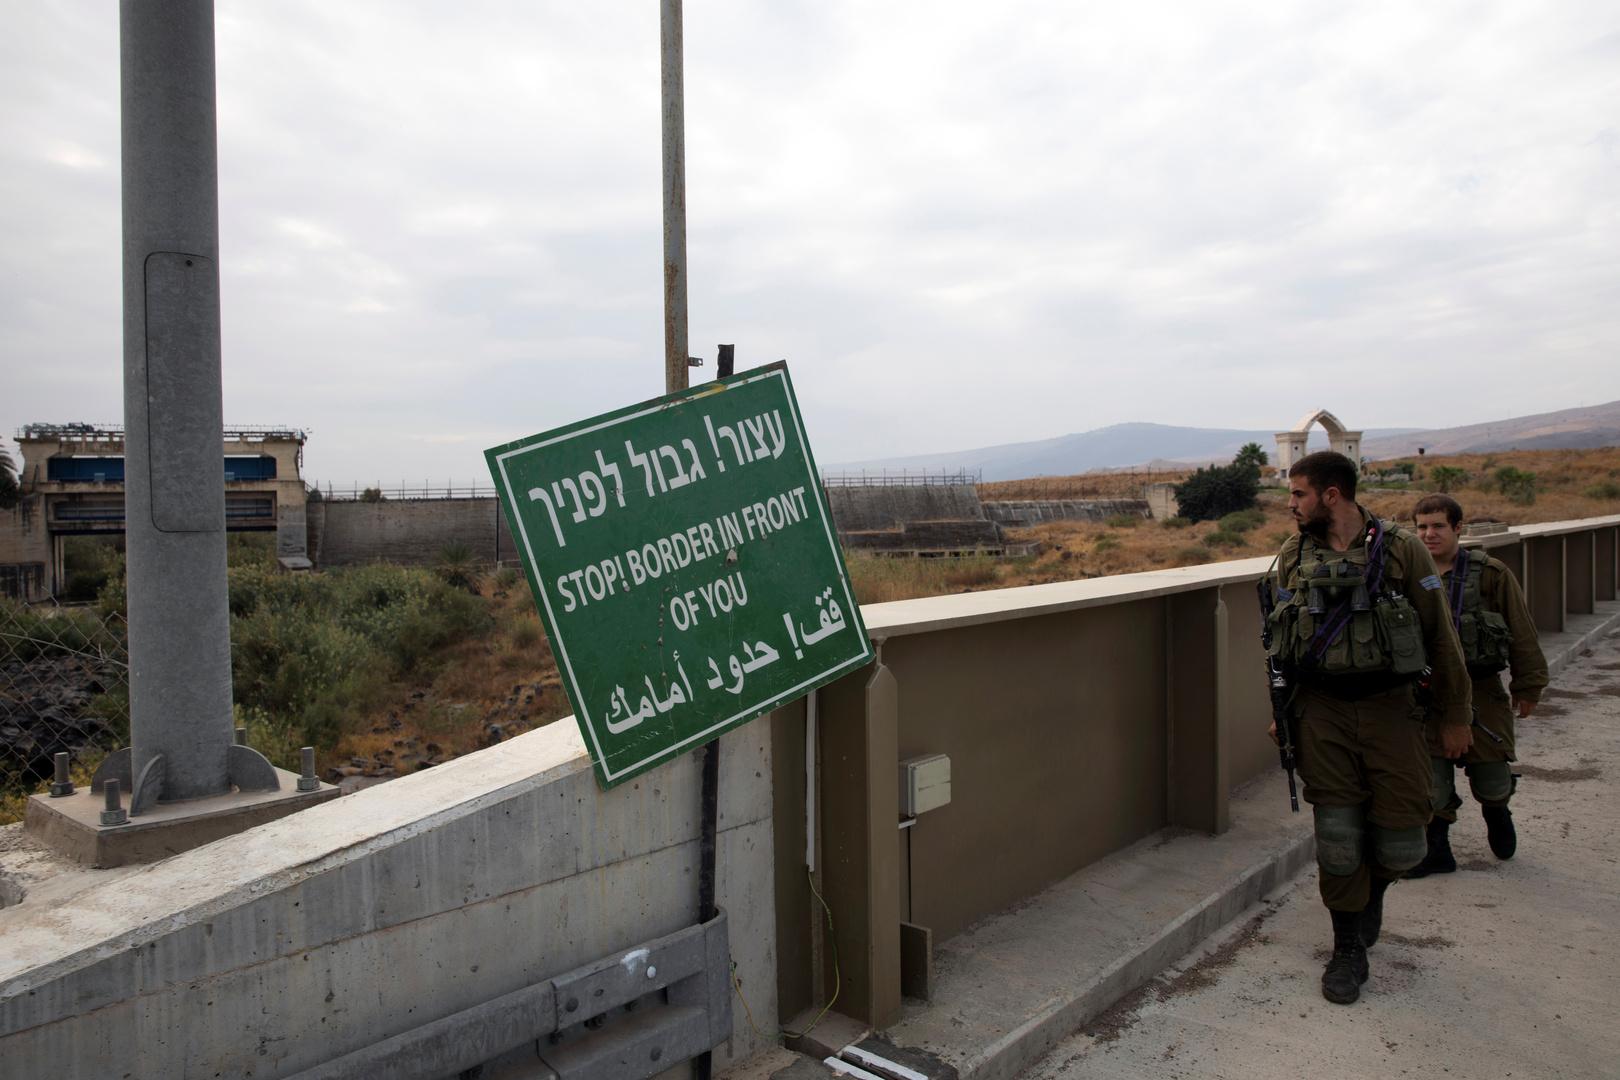 الجيش الإسرائيلي يعلن عن عملية تسلل من الحدود الأردنية